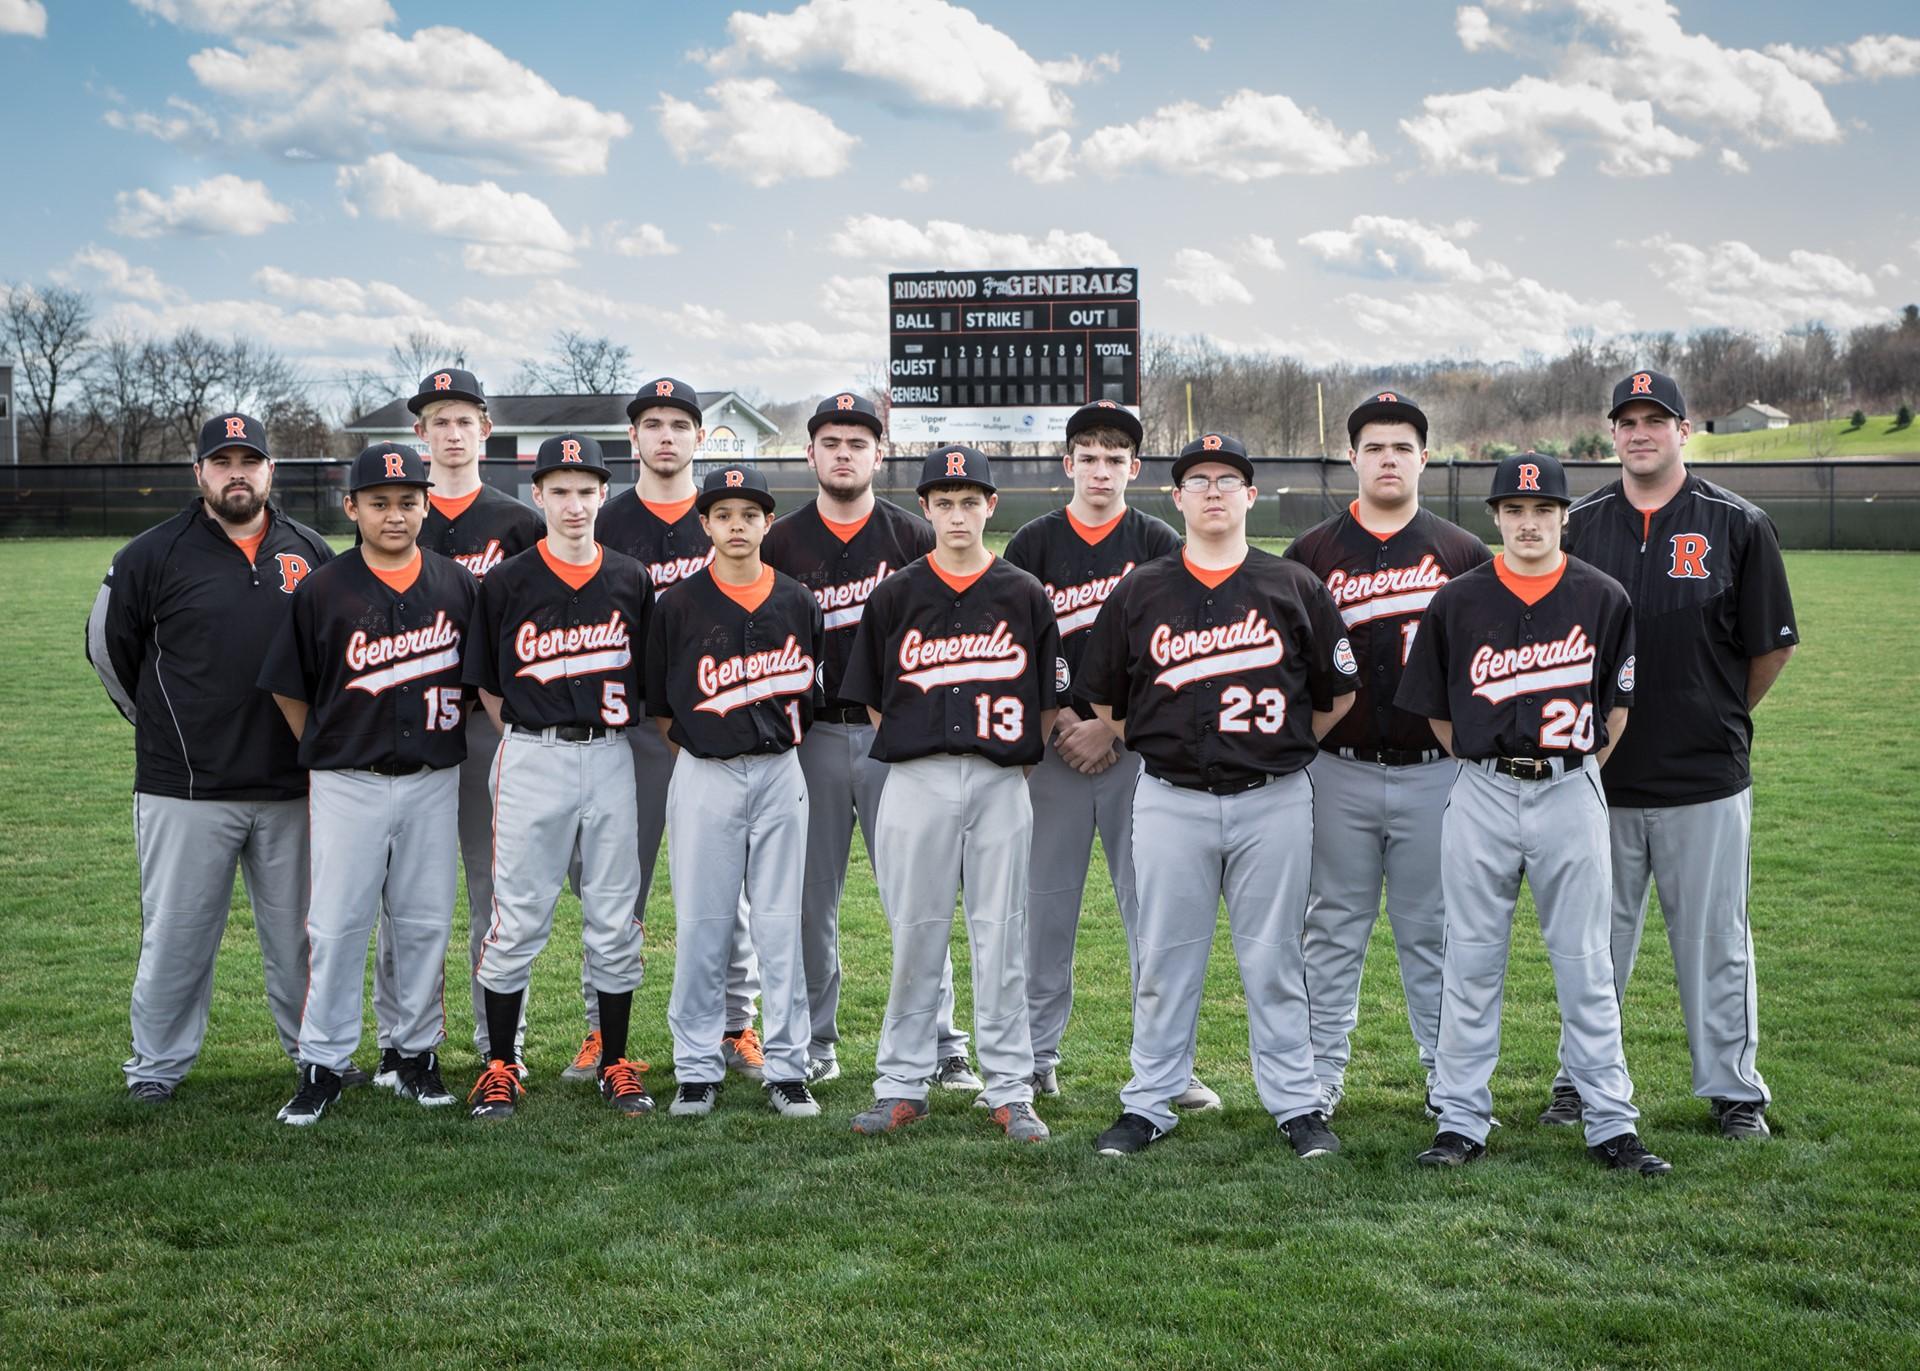 2016 JV Baseball Team